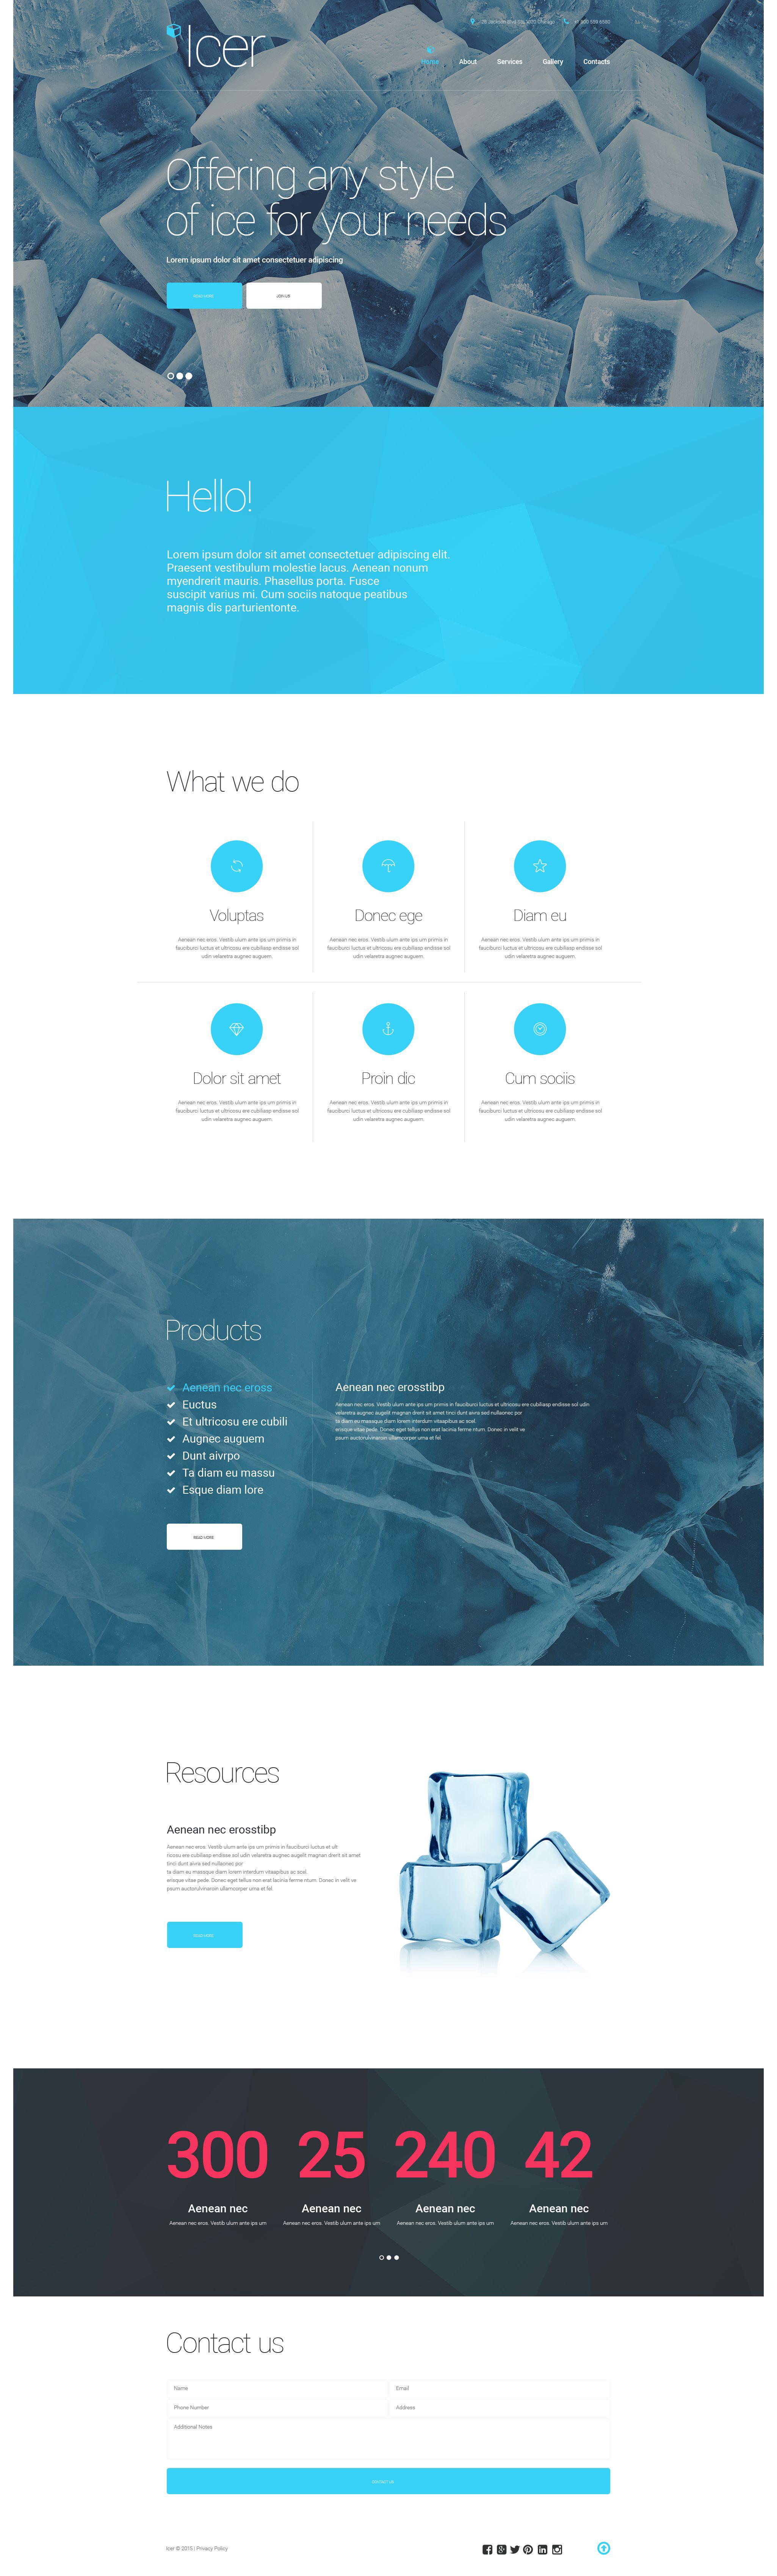 Plantilla Web Responsive para Sitio de Agua #55069 - captura de pantalla